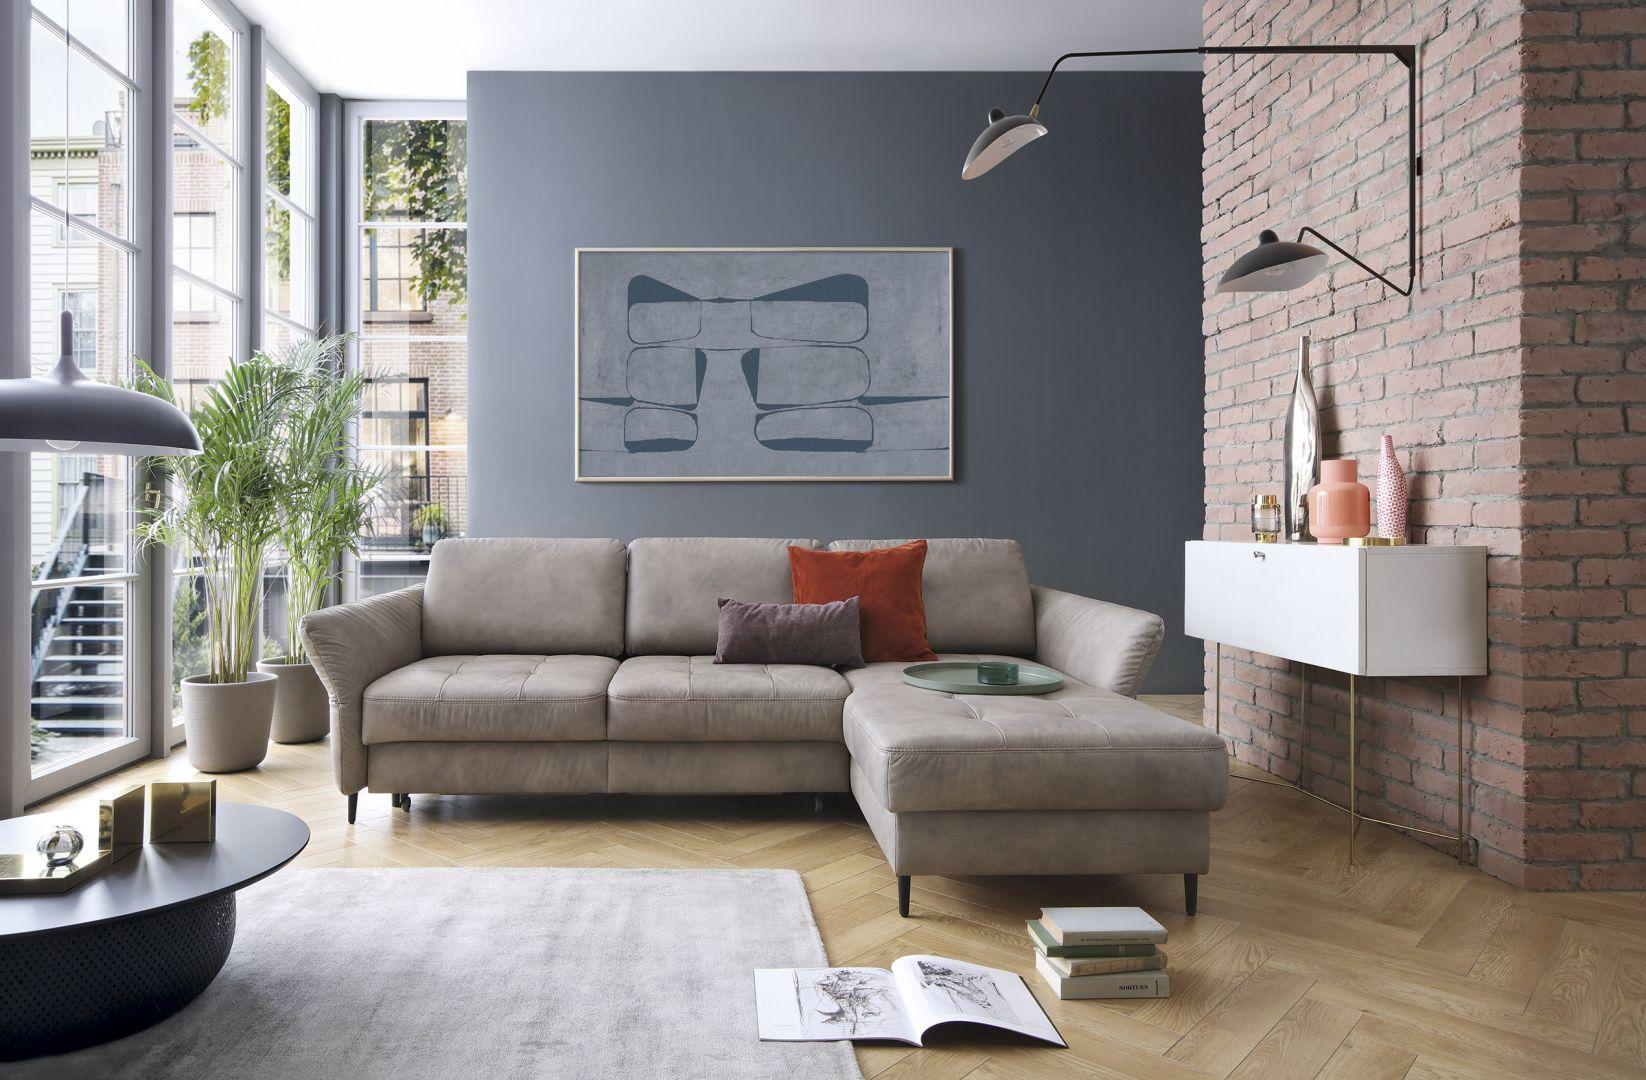 Dbanie o nowe meble zaczyna się już w momencie, kiedy sofa czy fotele przyjeżdżają do naszego domu. Przy ich rozpakowywaniu unikajmy ostrych narzędzi, np. noży mogących spowodować uszkodzenie obicia. Fot. mat. prasowe Gala Collezione